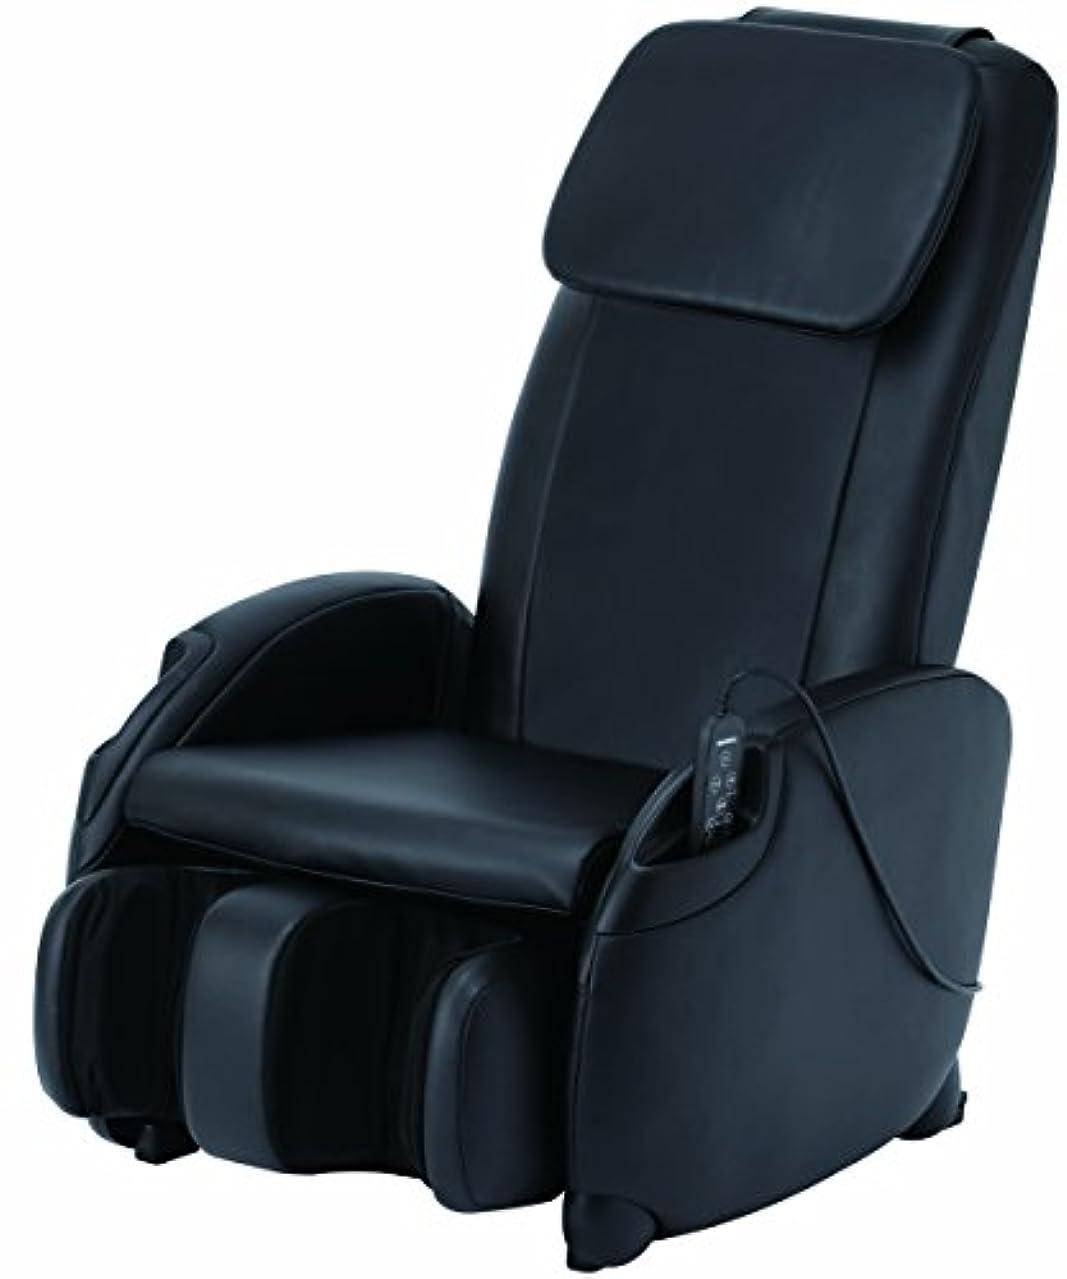 強制的敬の念引退したスライヴ マッサージチェア くつろぎ指定席Light ブラック CHD-3400(K)